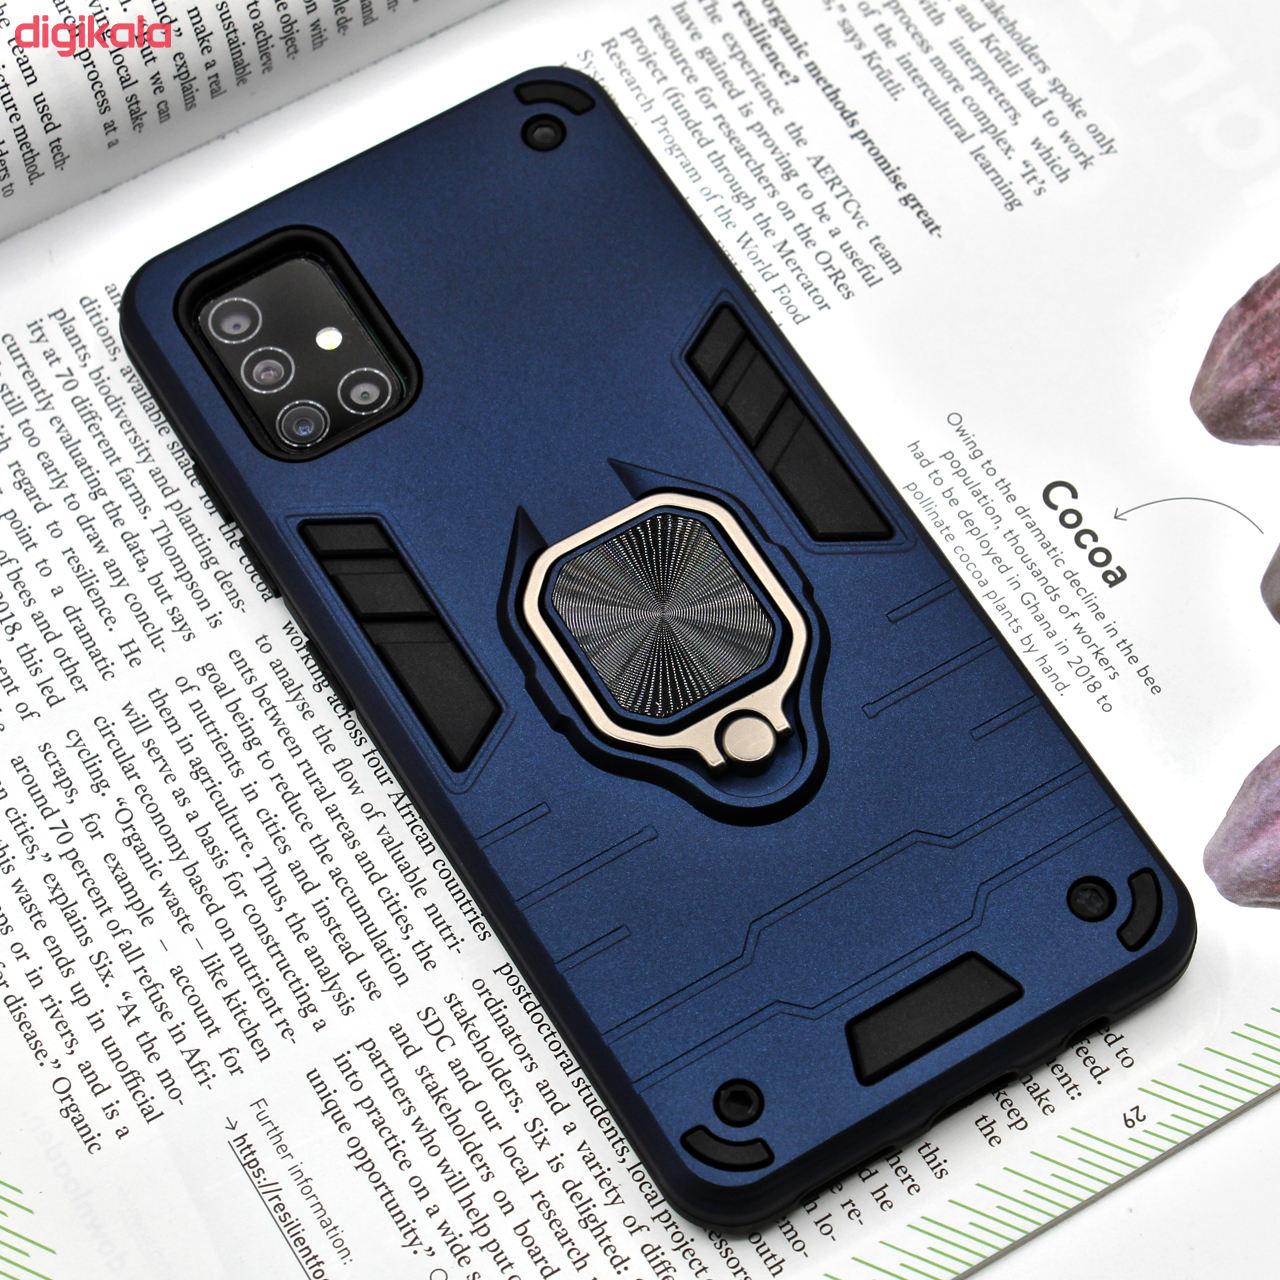 کاور کینگ پاور مدل ASH22 مناسب برای گوشی موبایل سامسونگ Galaxy A51 main 1 6